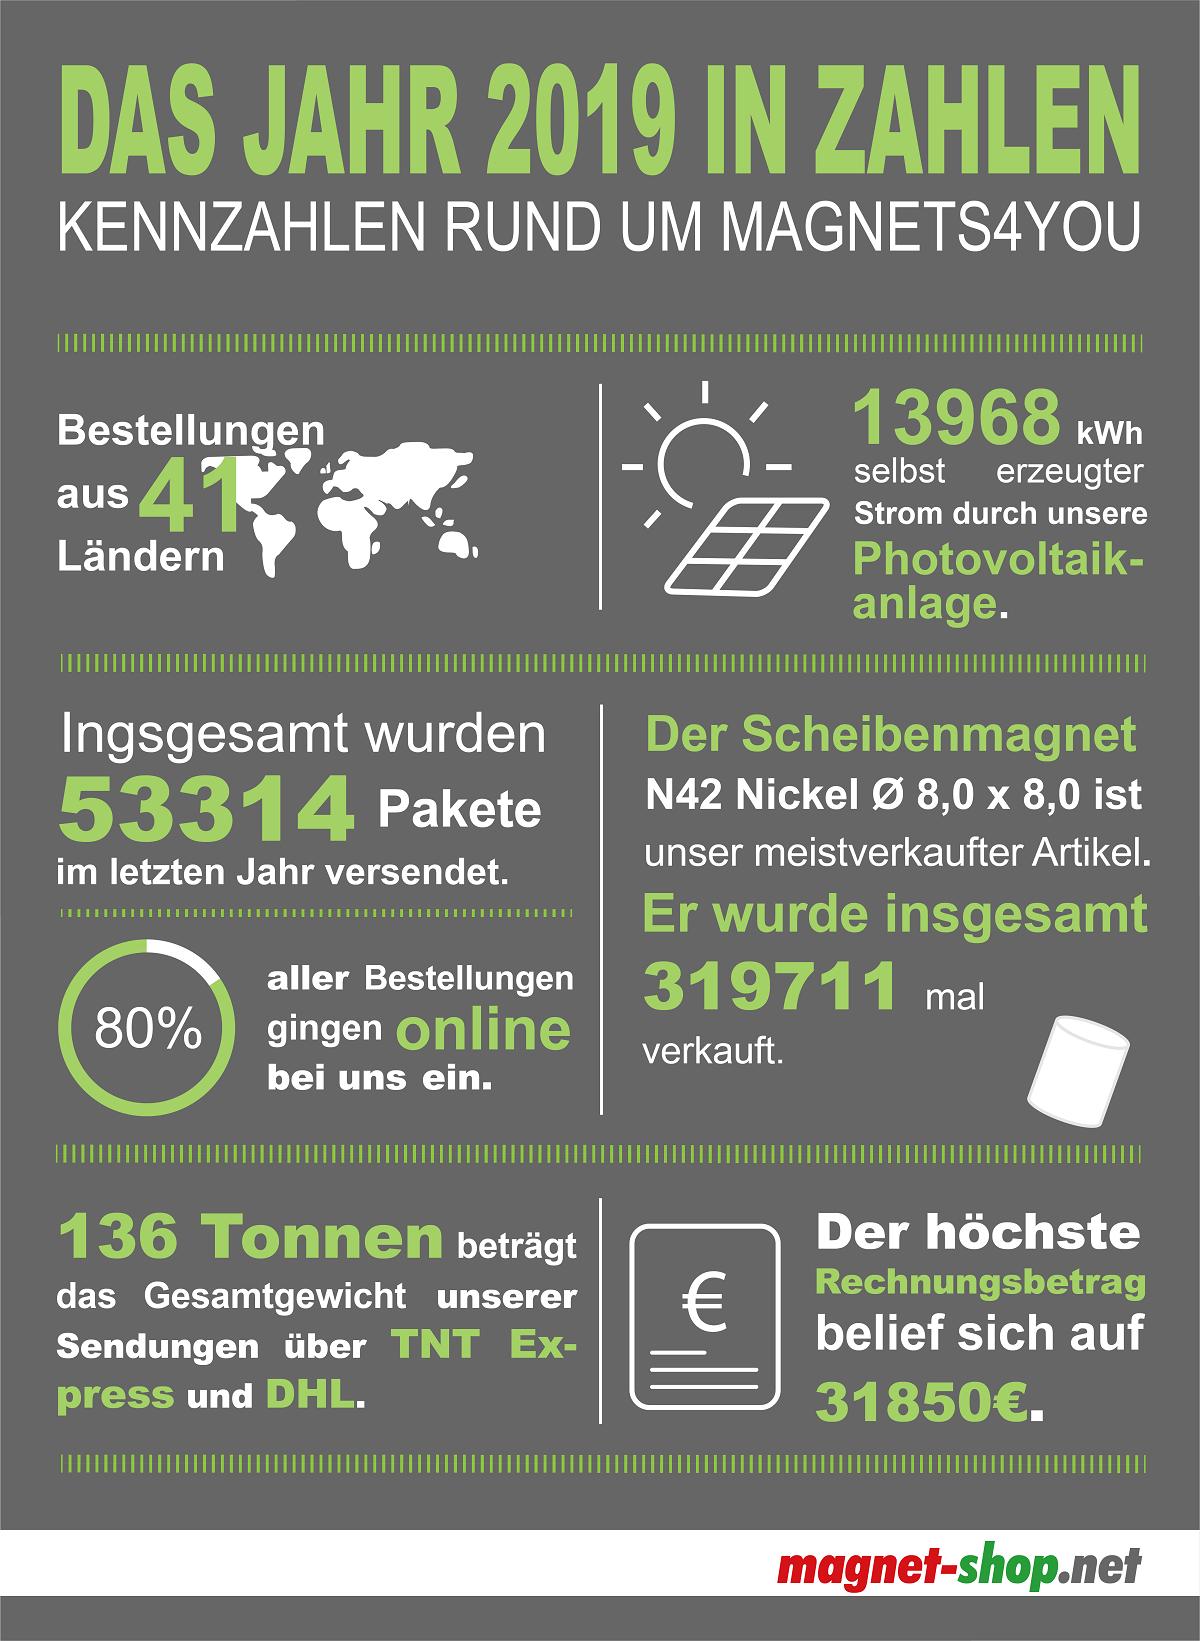 Kennzahlen der Firma magnets4you zum Jahr 2019 - magnet-shop.net